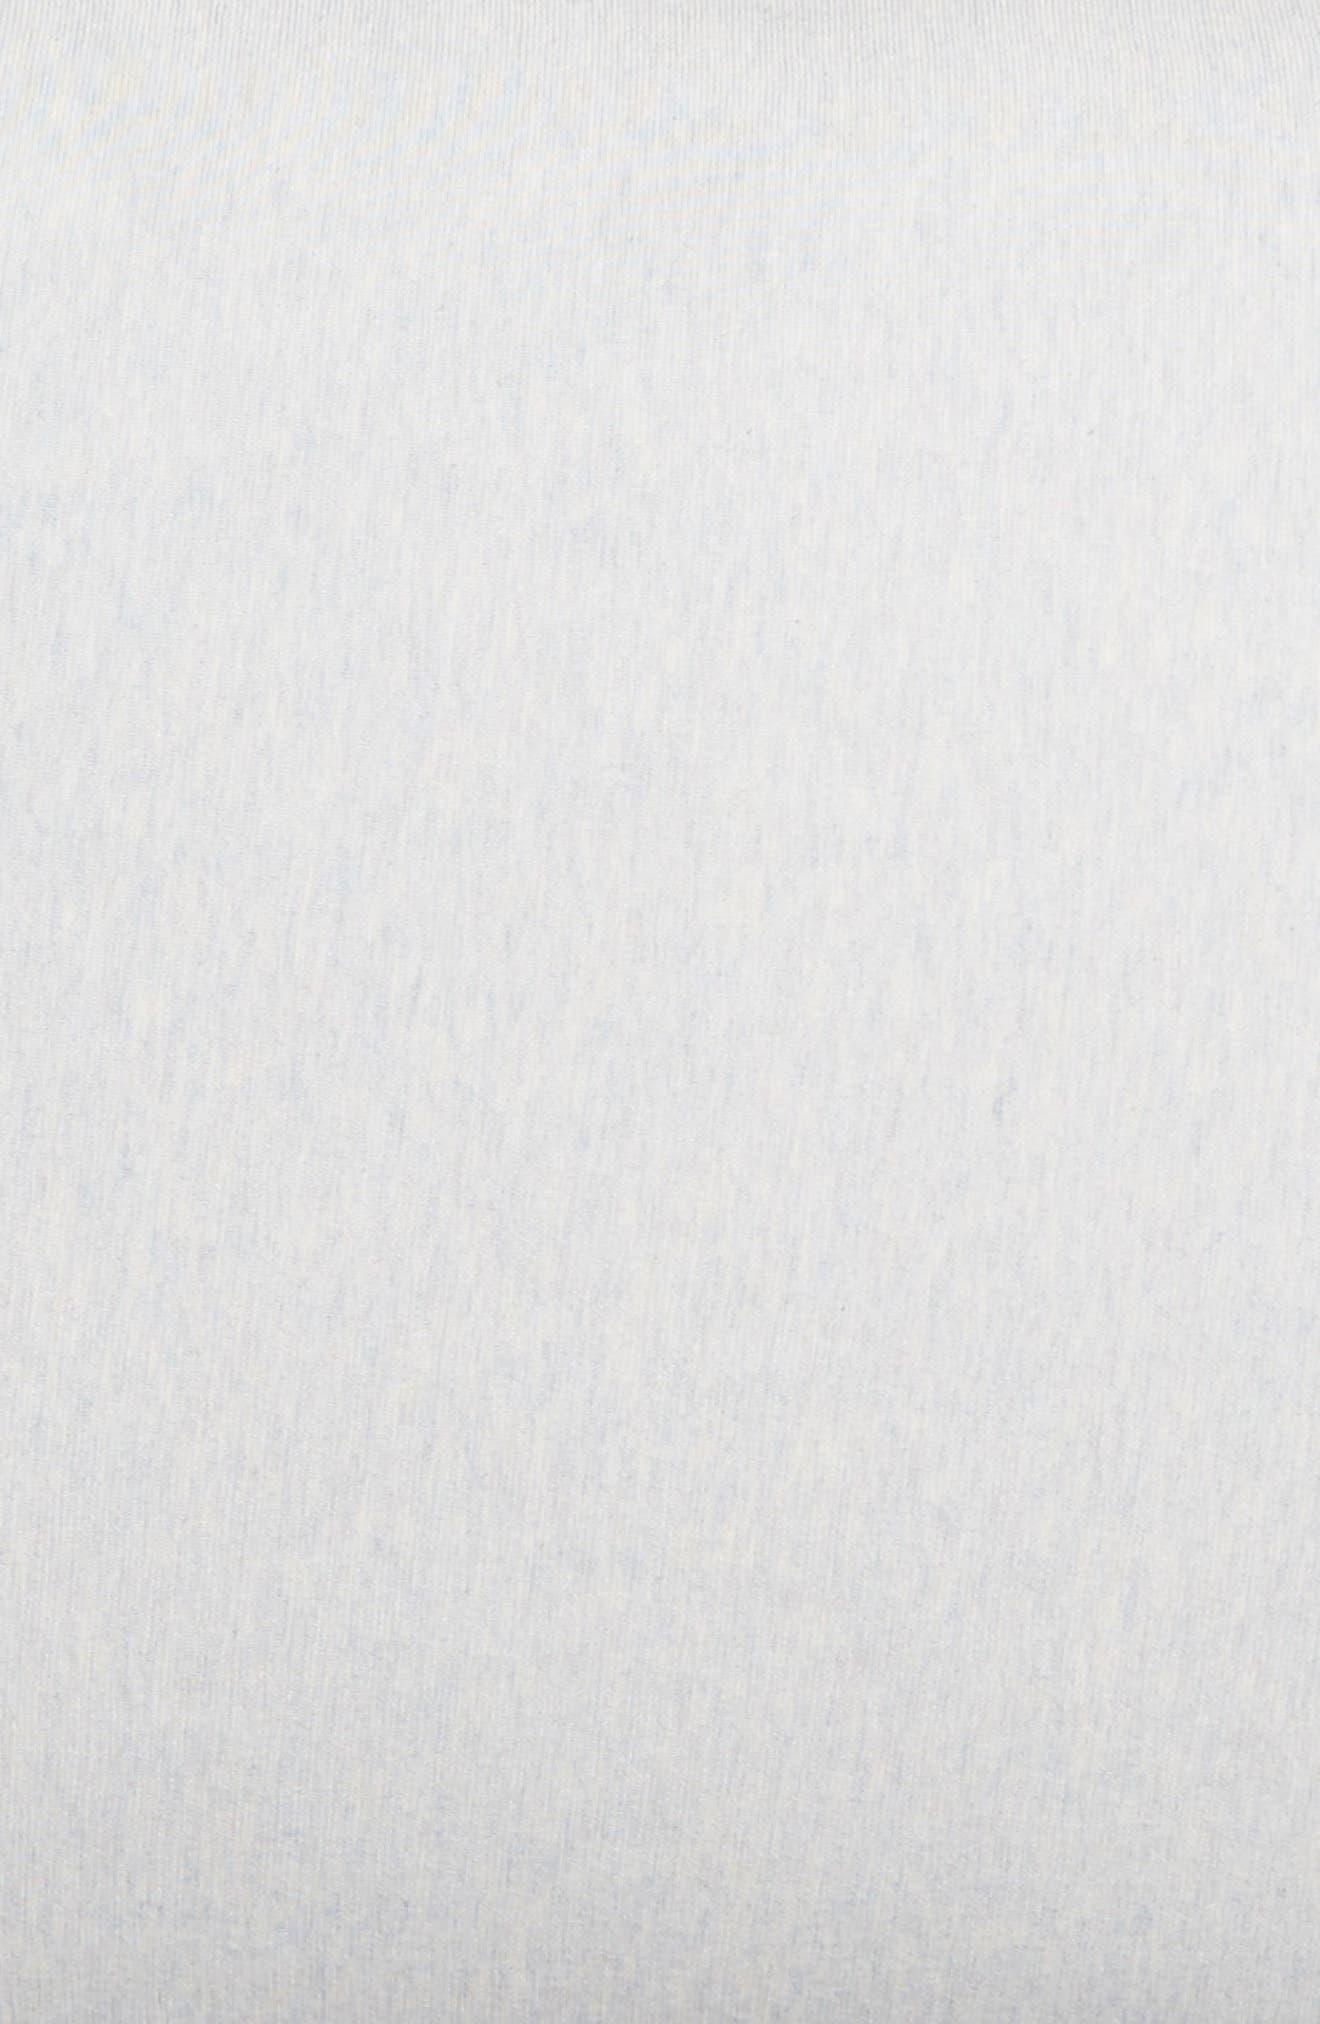 Calvin Klein Pulse Pillowcases,                             Alternate thumbnail 2, color,                             SPRAY